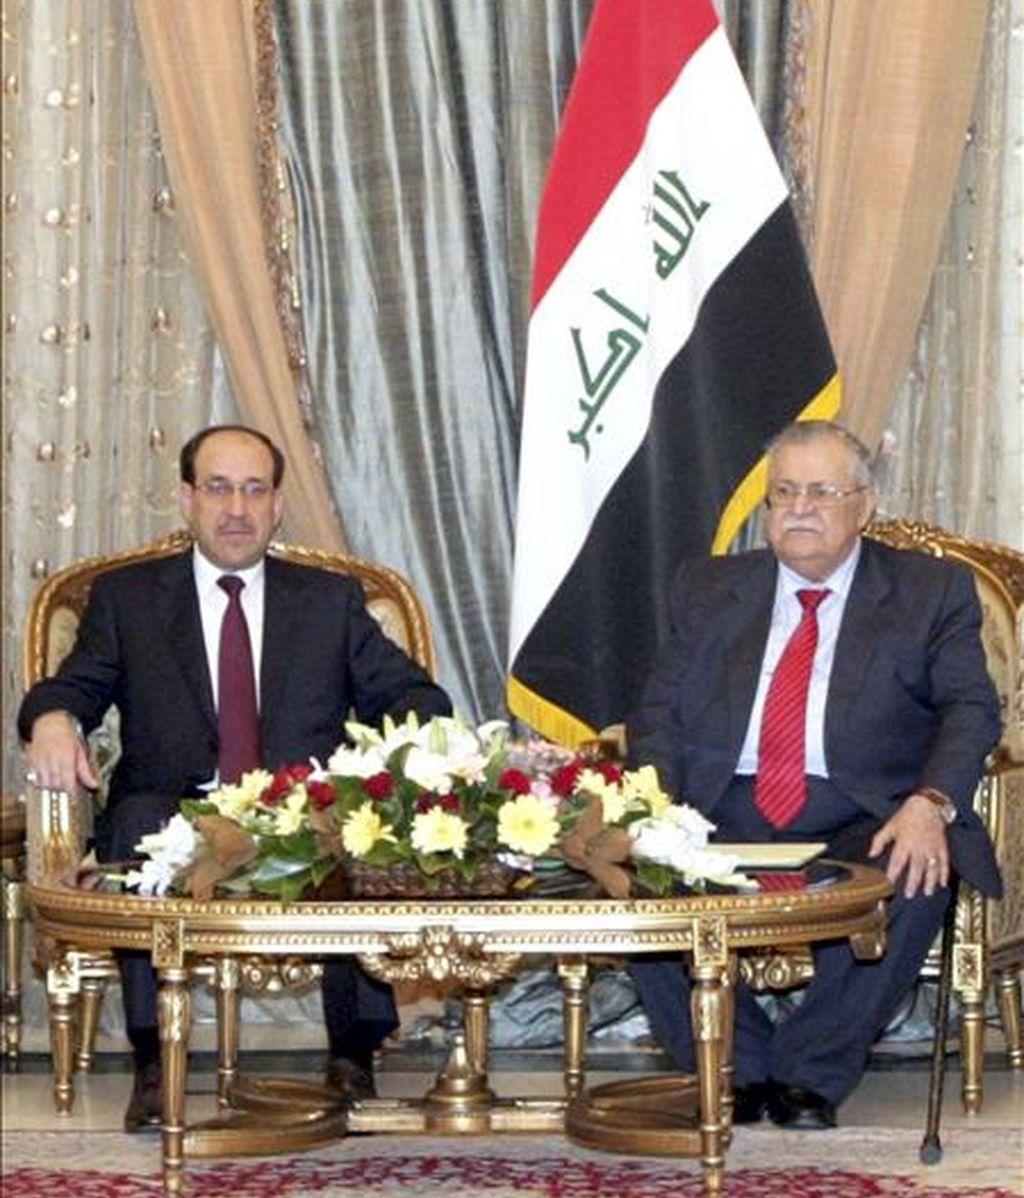 Imagen facilitada por el gobierno de Irak que muestra al presidente iraquí, Jalal Talabani, (d), junto al primer ministro Nuri al-Maliki, (i), durante la ceremonia oficial para asignar los nuevos cargos del gobierno de Maliki. EFE